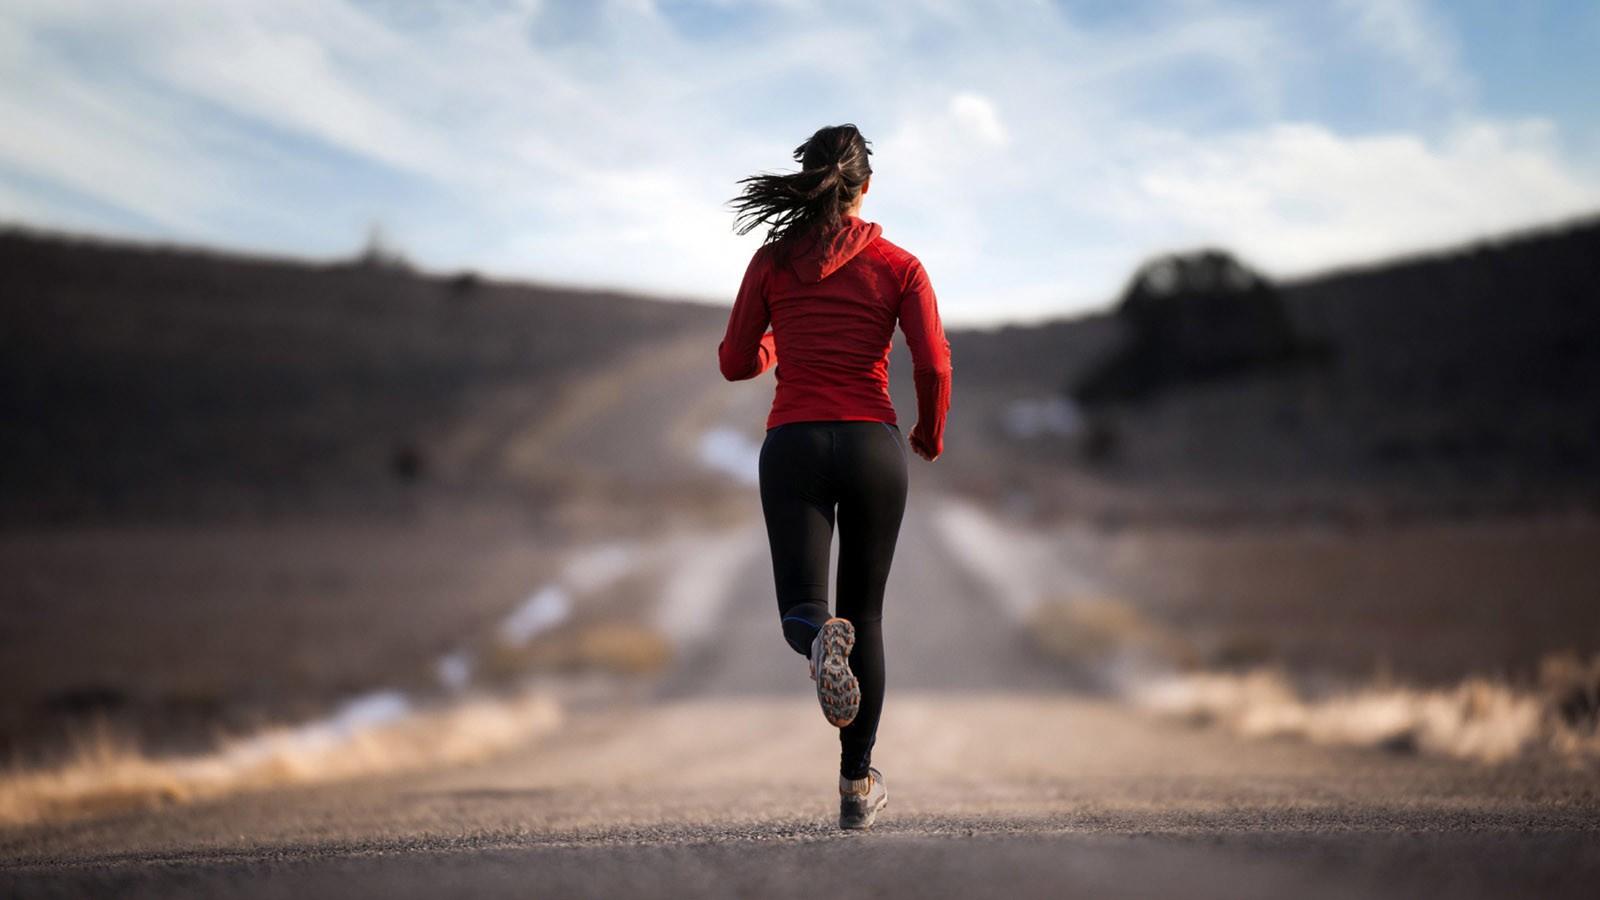 بهترین زمان دویدن جهت کاهش وزن و هوازی